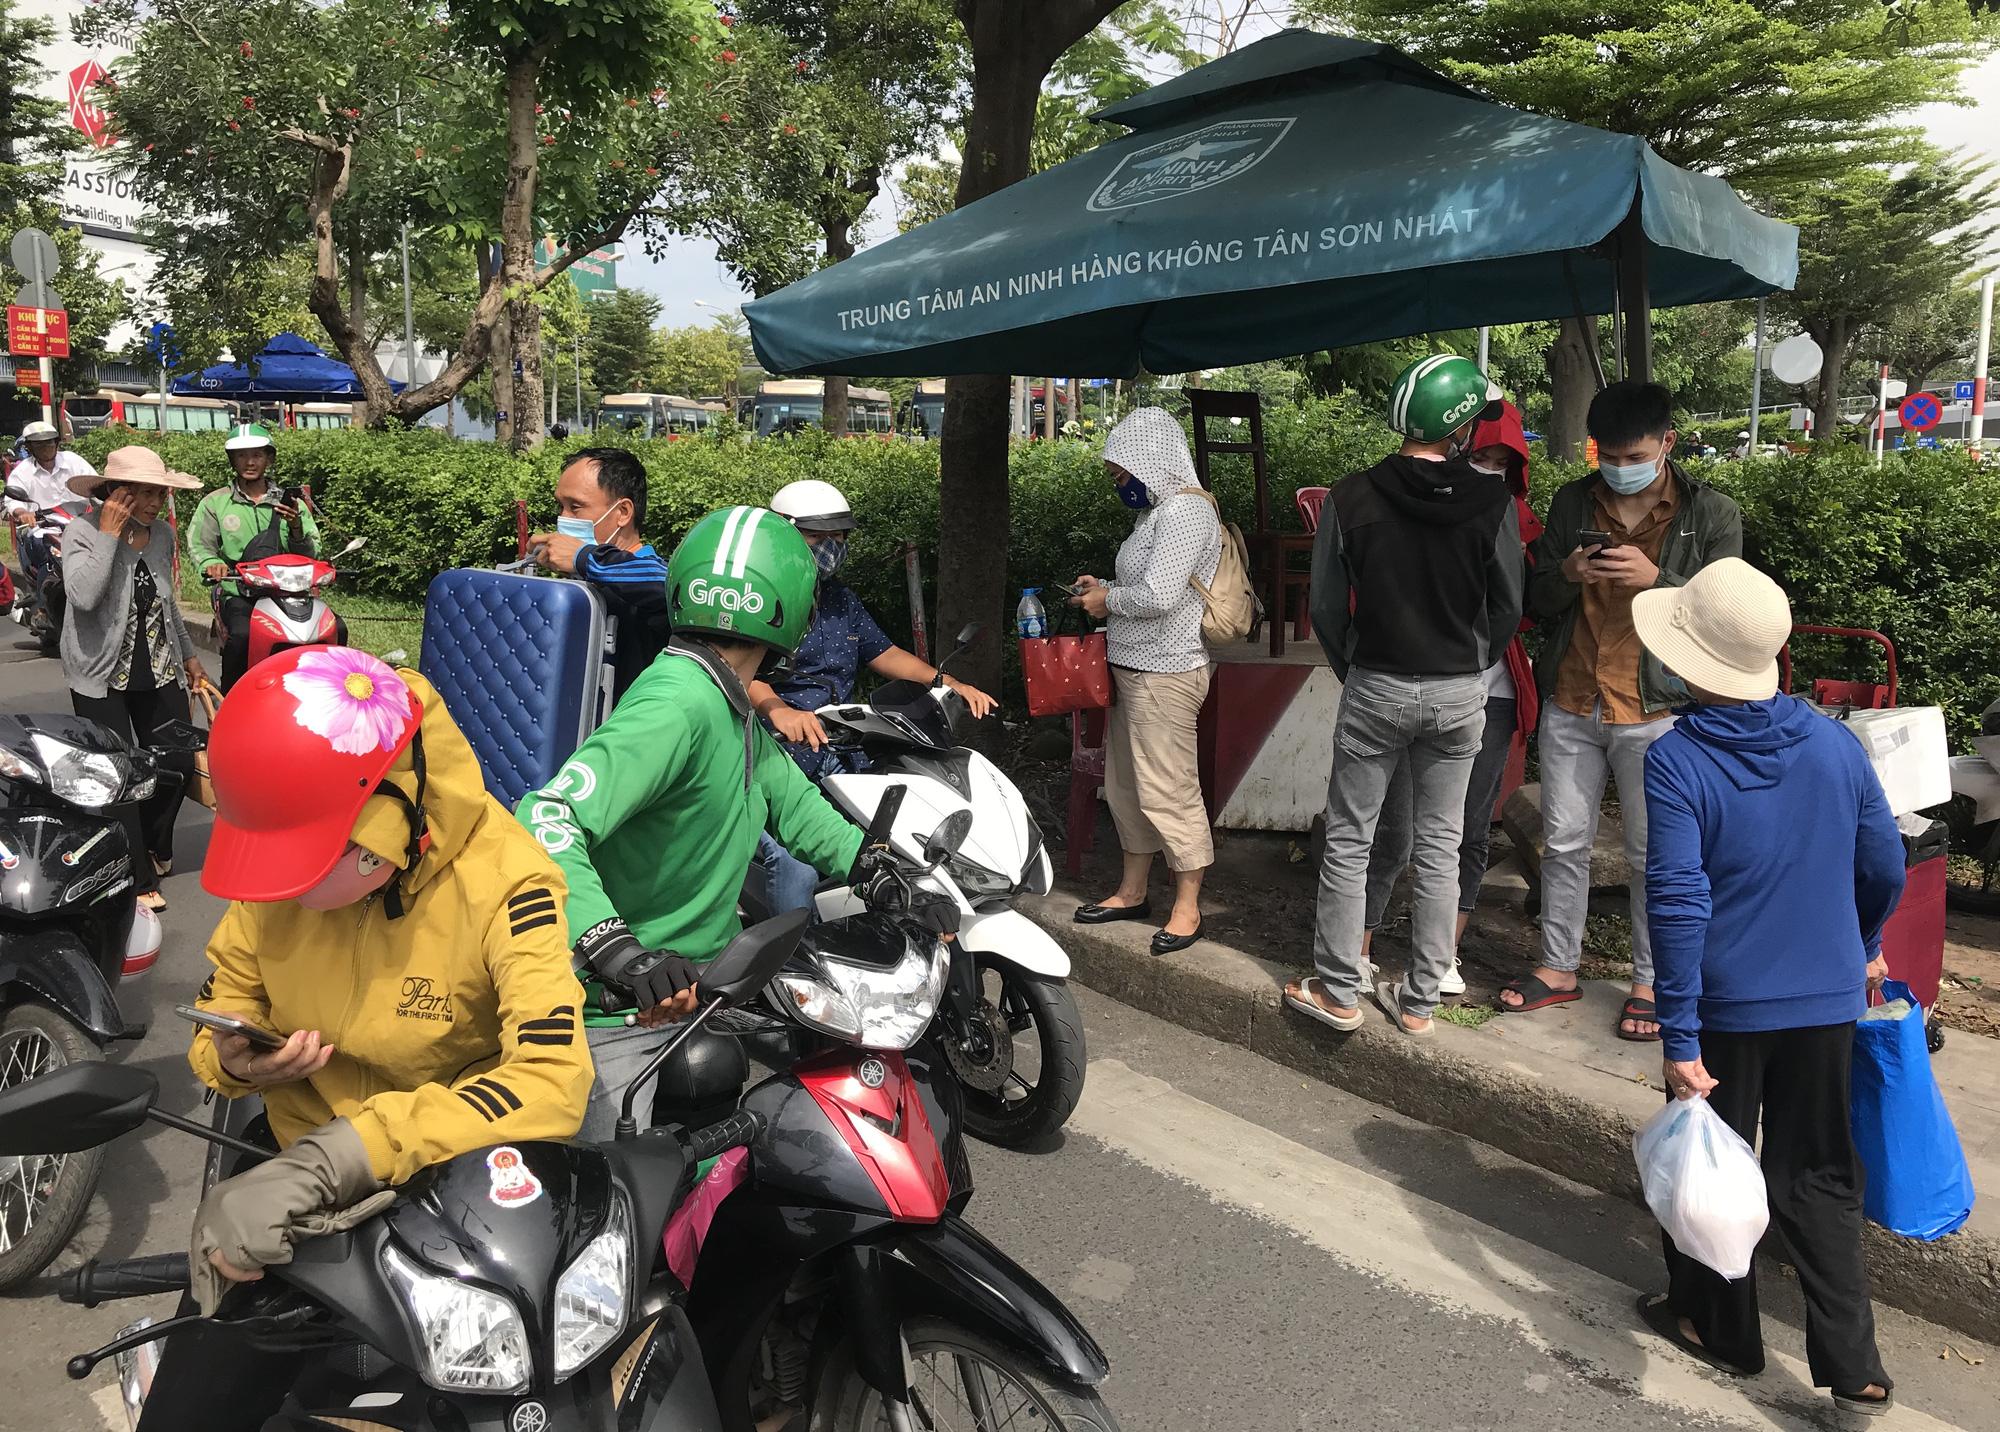 Khách vã mồ hôi, vác vali ra khỏi sân bay Tân Sơn Nhất,  cắt ngang làn ô tô để đón xe - Ảnh 5.